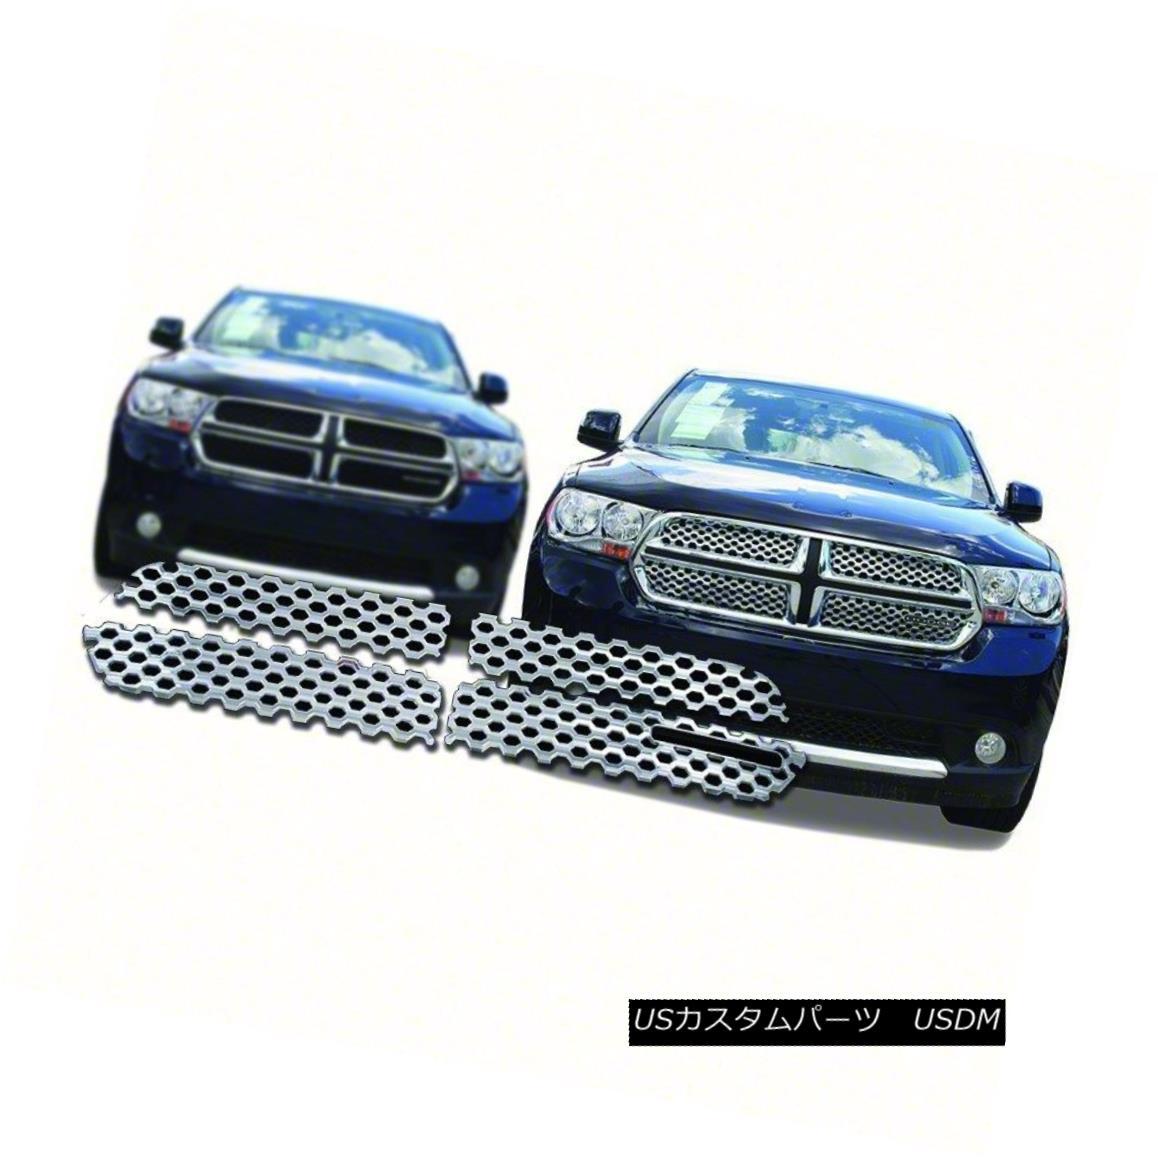 グリル IWCGI94-Fits 2011-13 Dodge Durango-4pc Chrome Grille Overlay IWCGI94-Fits 2011-13 Dodge Durango-4pcクロームグリルオーバーレイ